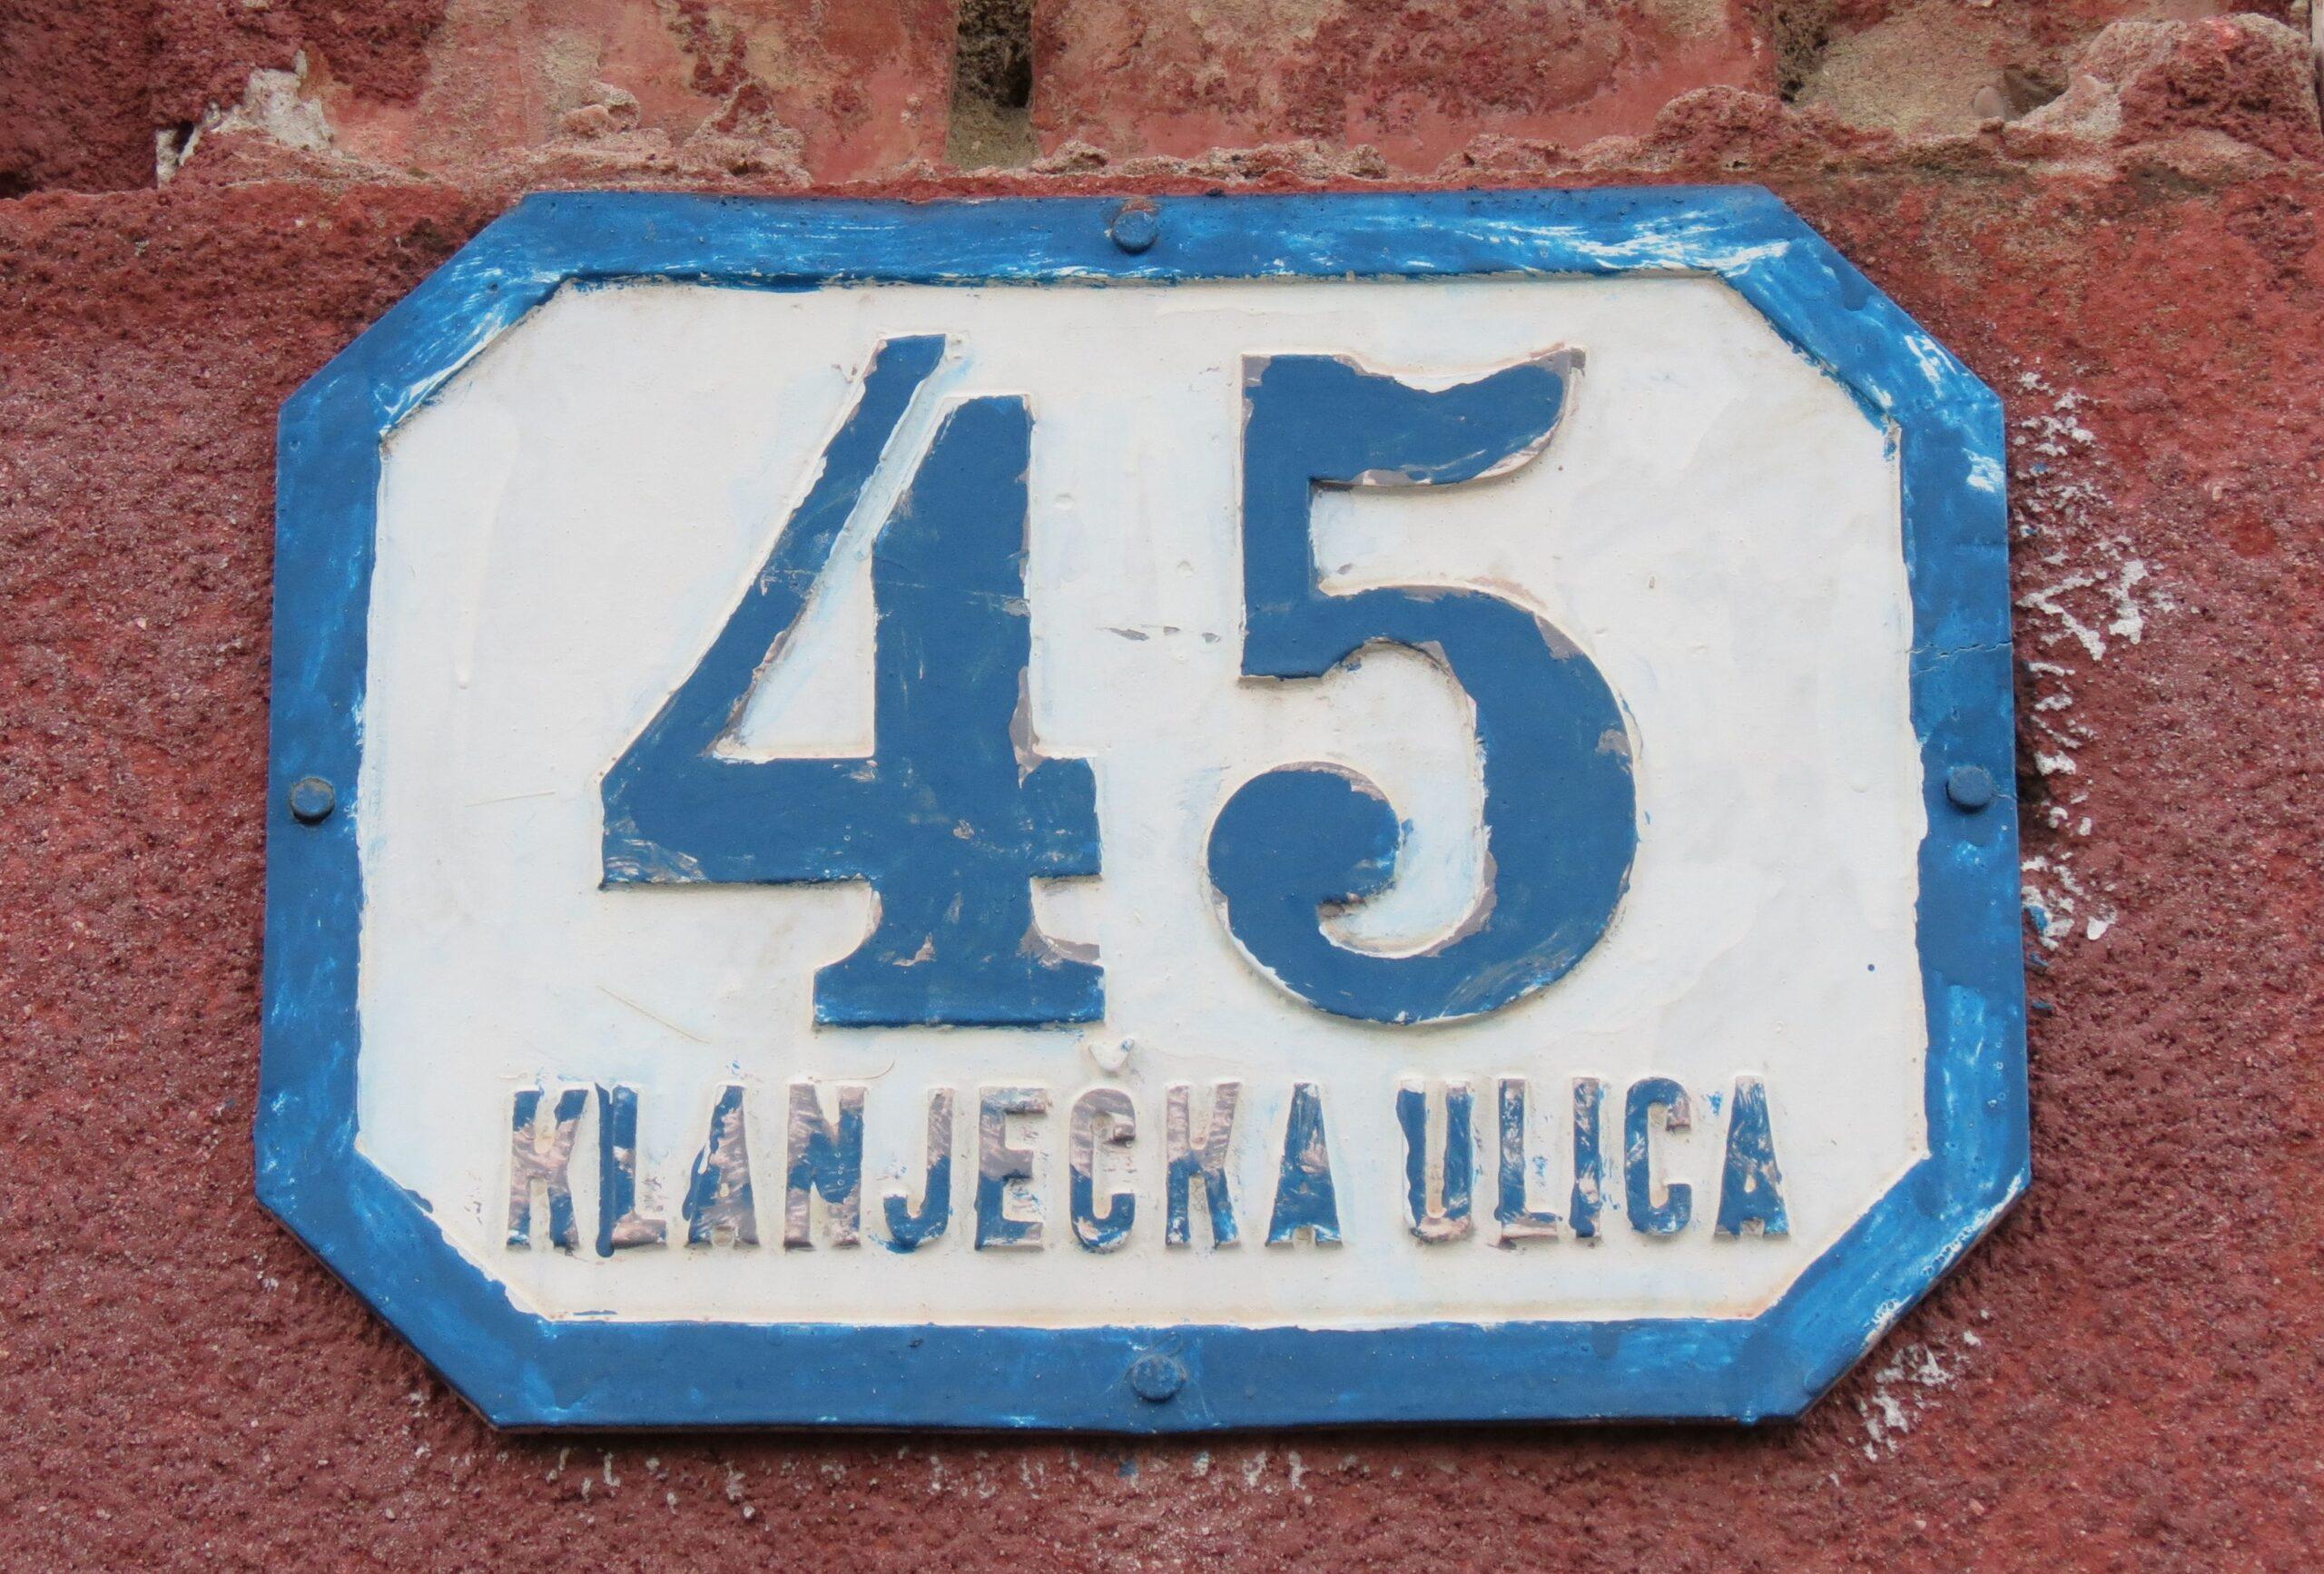 Kućni broj iz predratnog razdoblja sa gradskog područja Trešnjevke [VR 2020.]